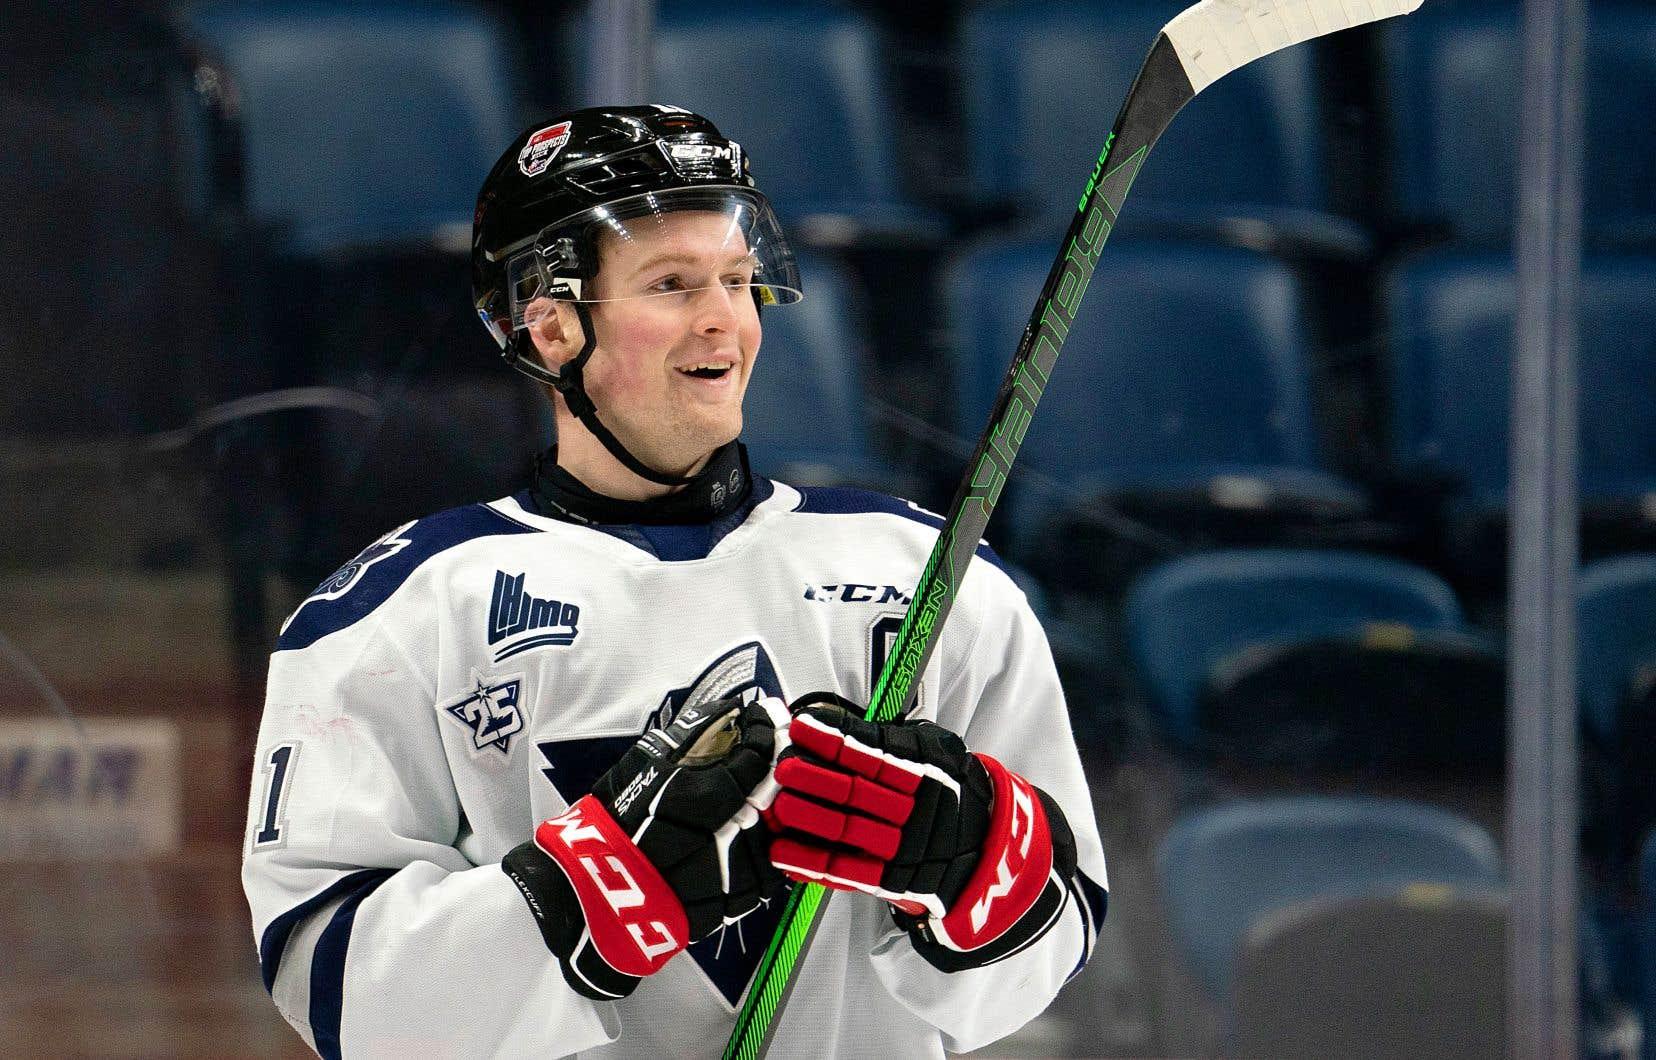 Le Québécois Alexis Lafrenière est favori pour être le tout premier choix au prochain repêchage de la LNH.